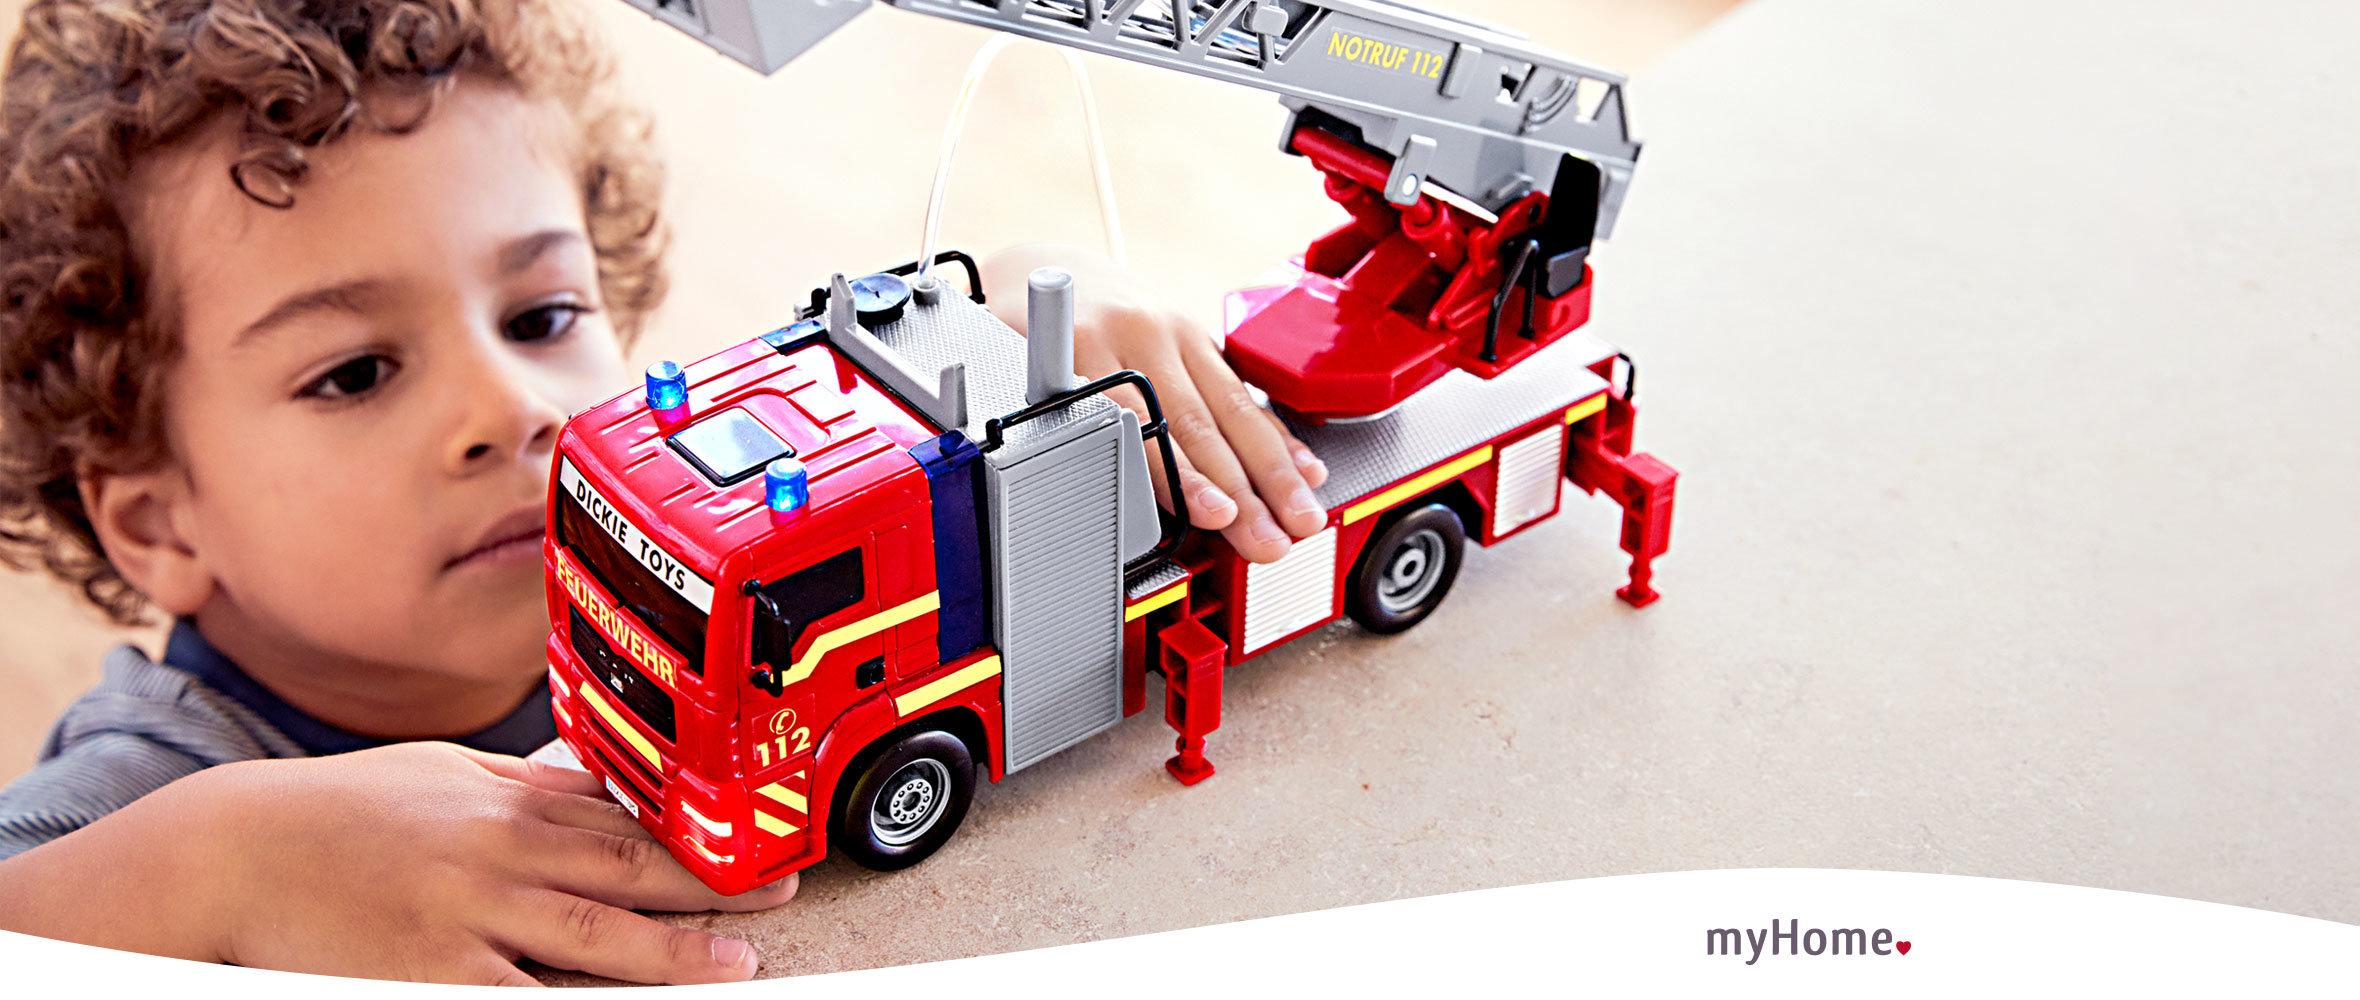 kleiner Junge spielt it Feuerwehrauto